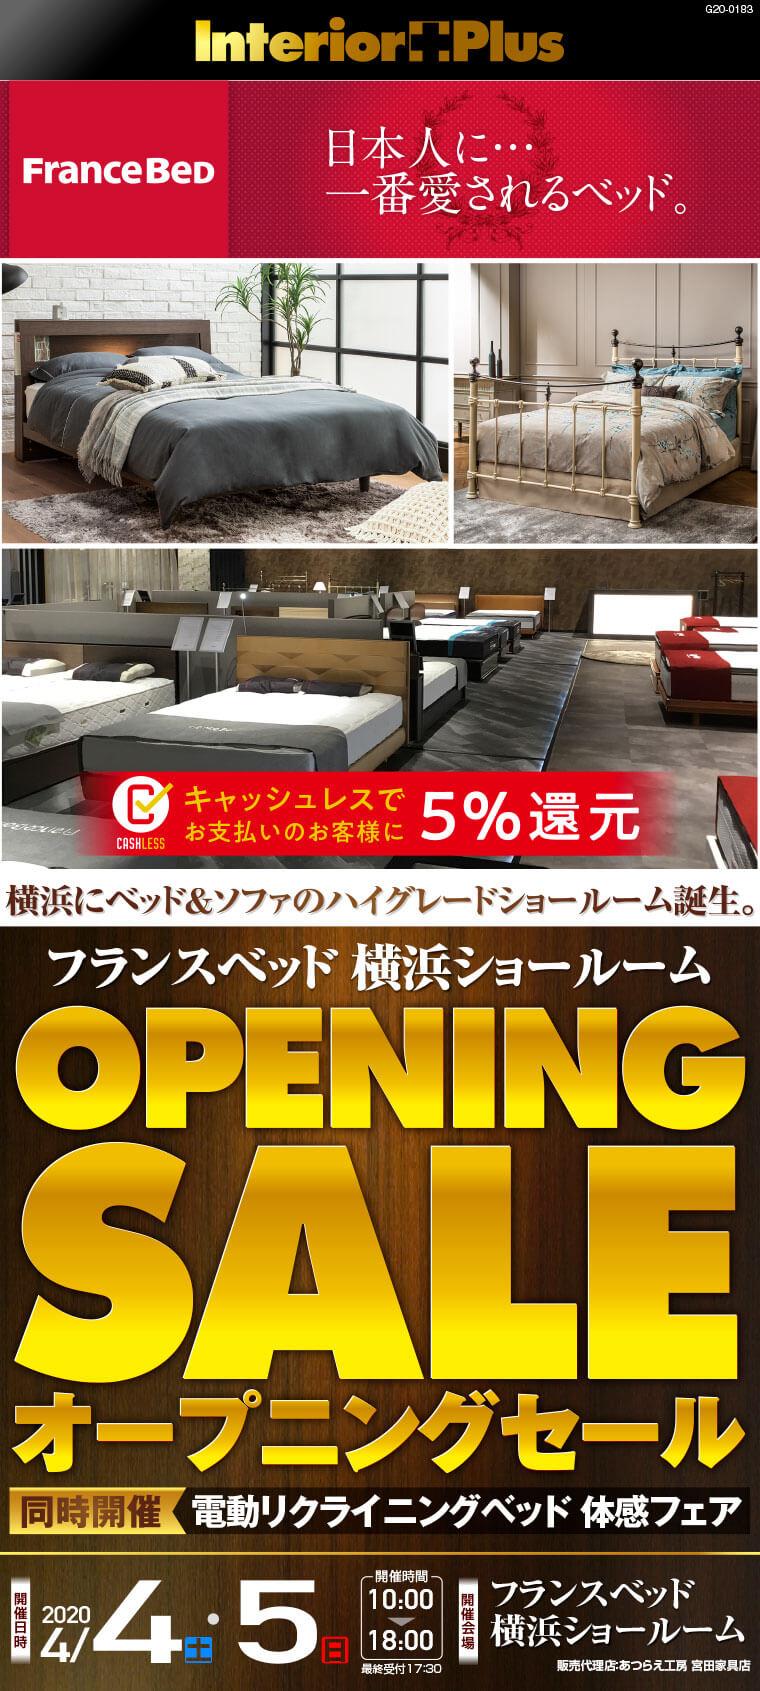 フランスベッド横浜ショールーム ベッド&ソファ オープニングセール